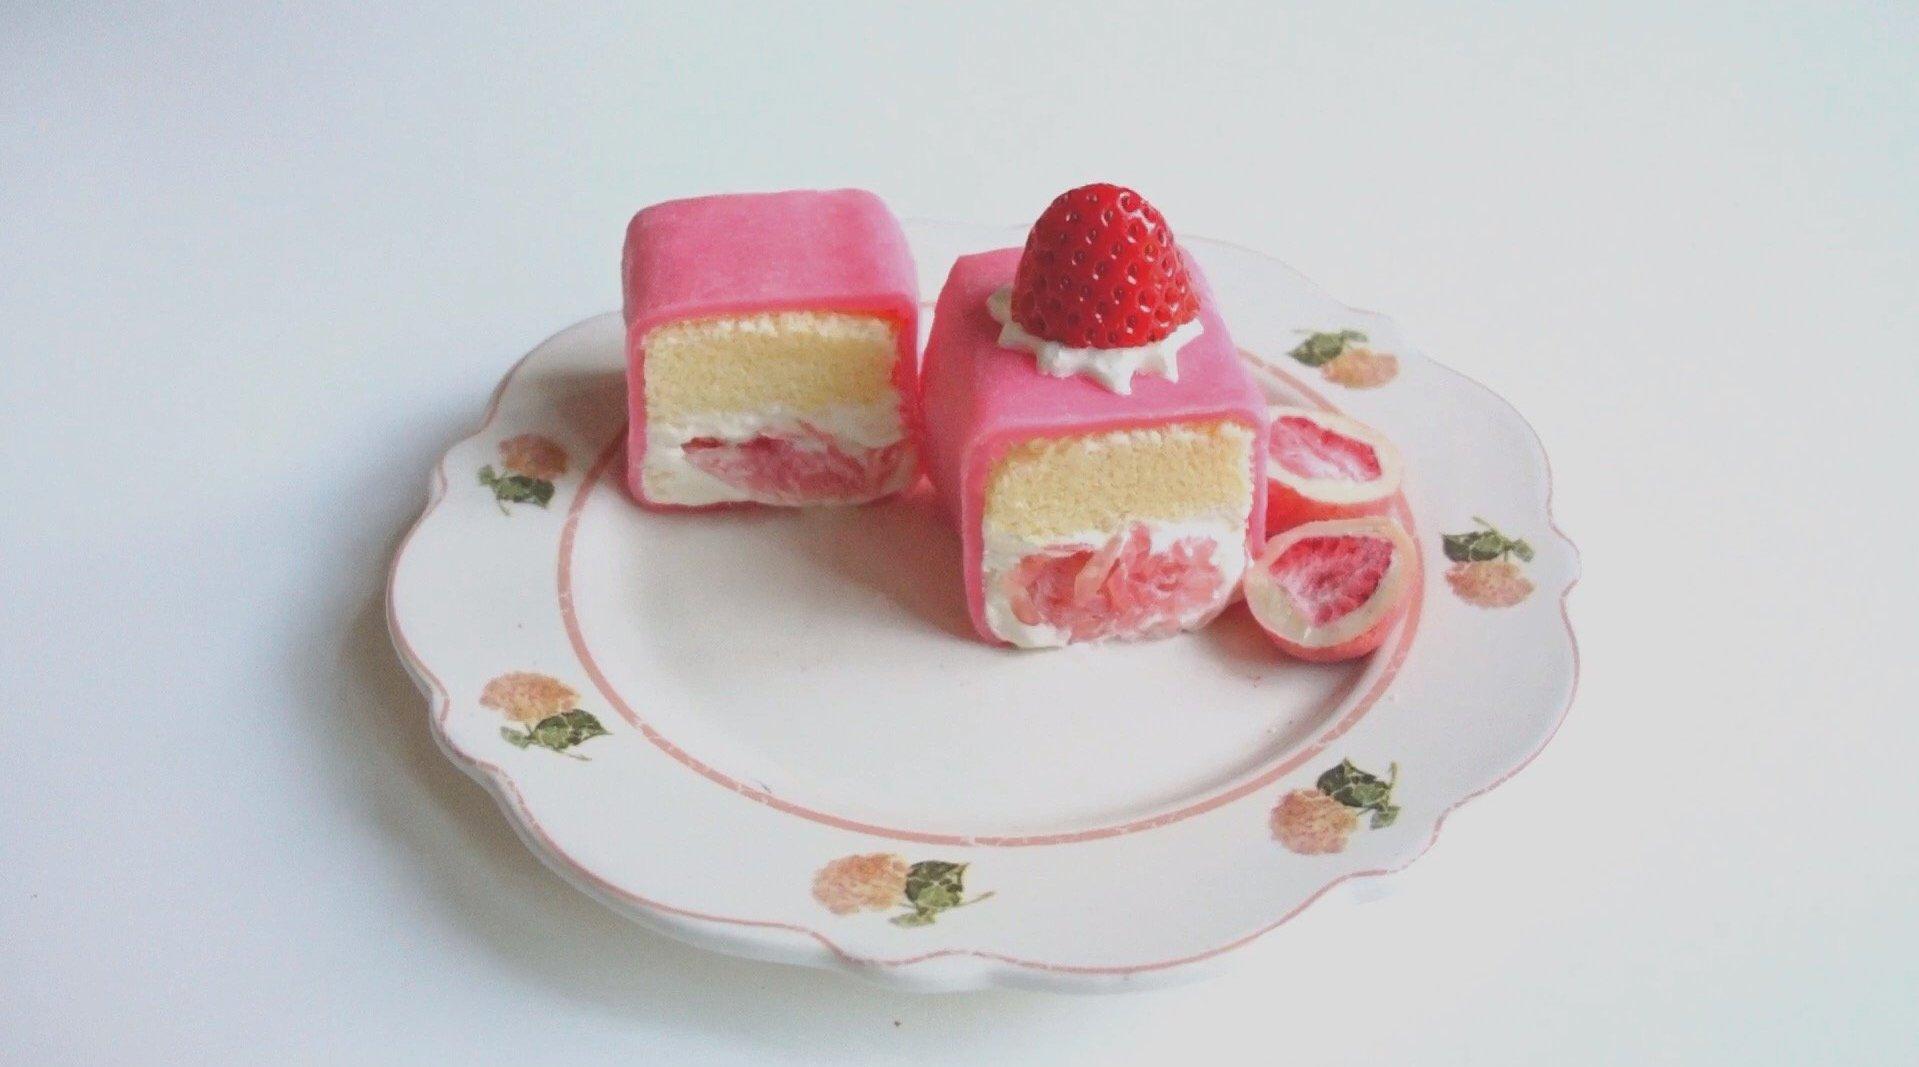 高颜软糯香甜粉色系【西柚白玉卷】也可做成雪媚娘